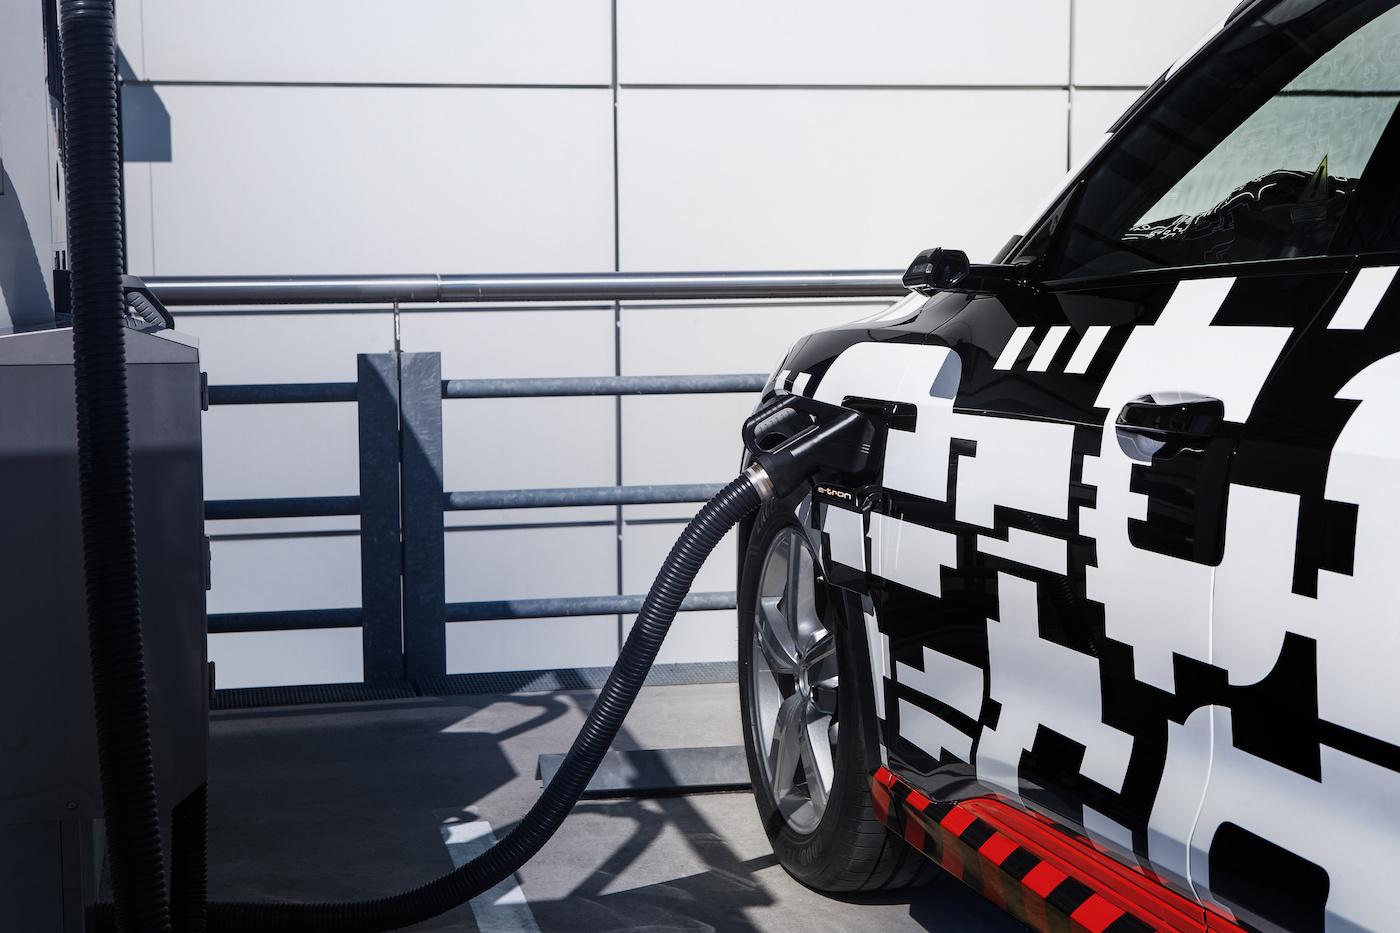 Der vollelektrische Audi e-tron kommt Ende Jahr auf den Markt – im Bild der Prototyp. (Audi)